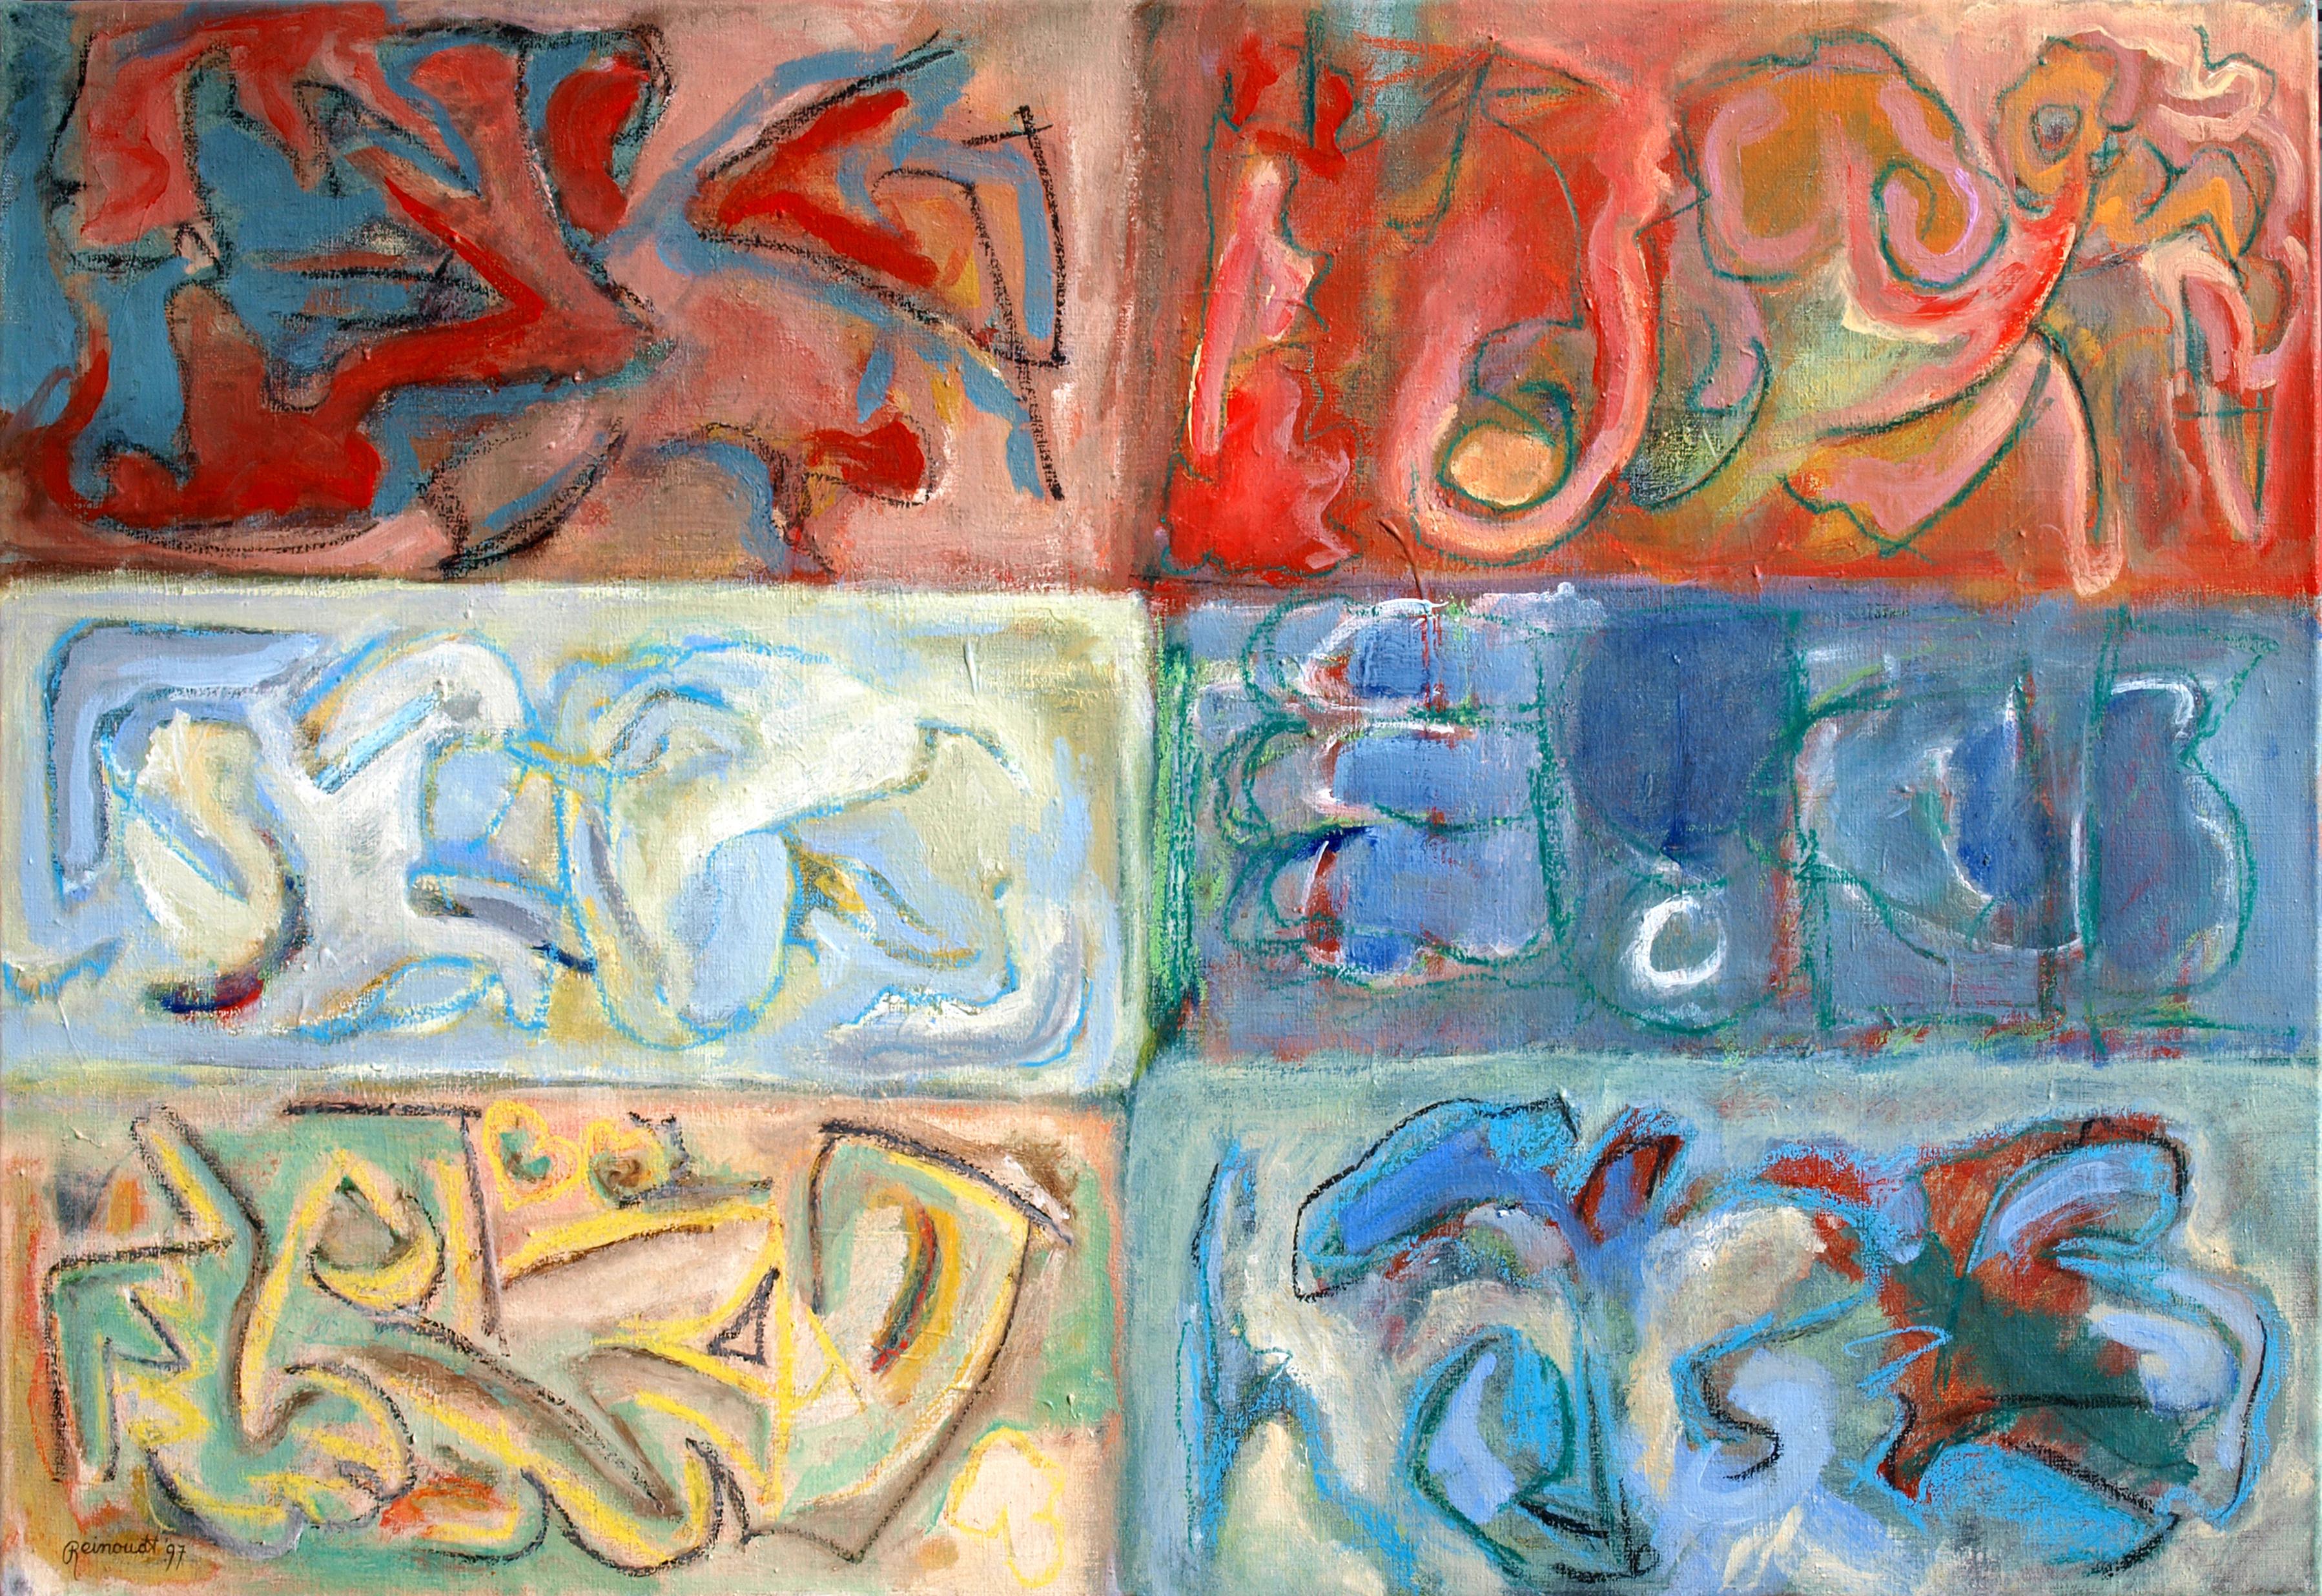 Verhalen zonder spijt Acryl op linnen 70 cm. x 110 cm.